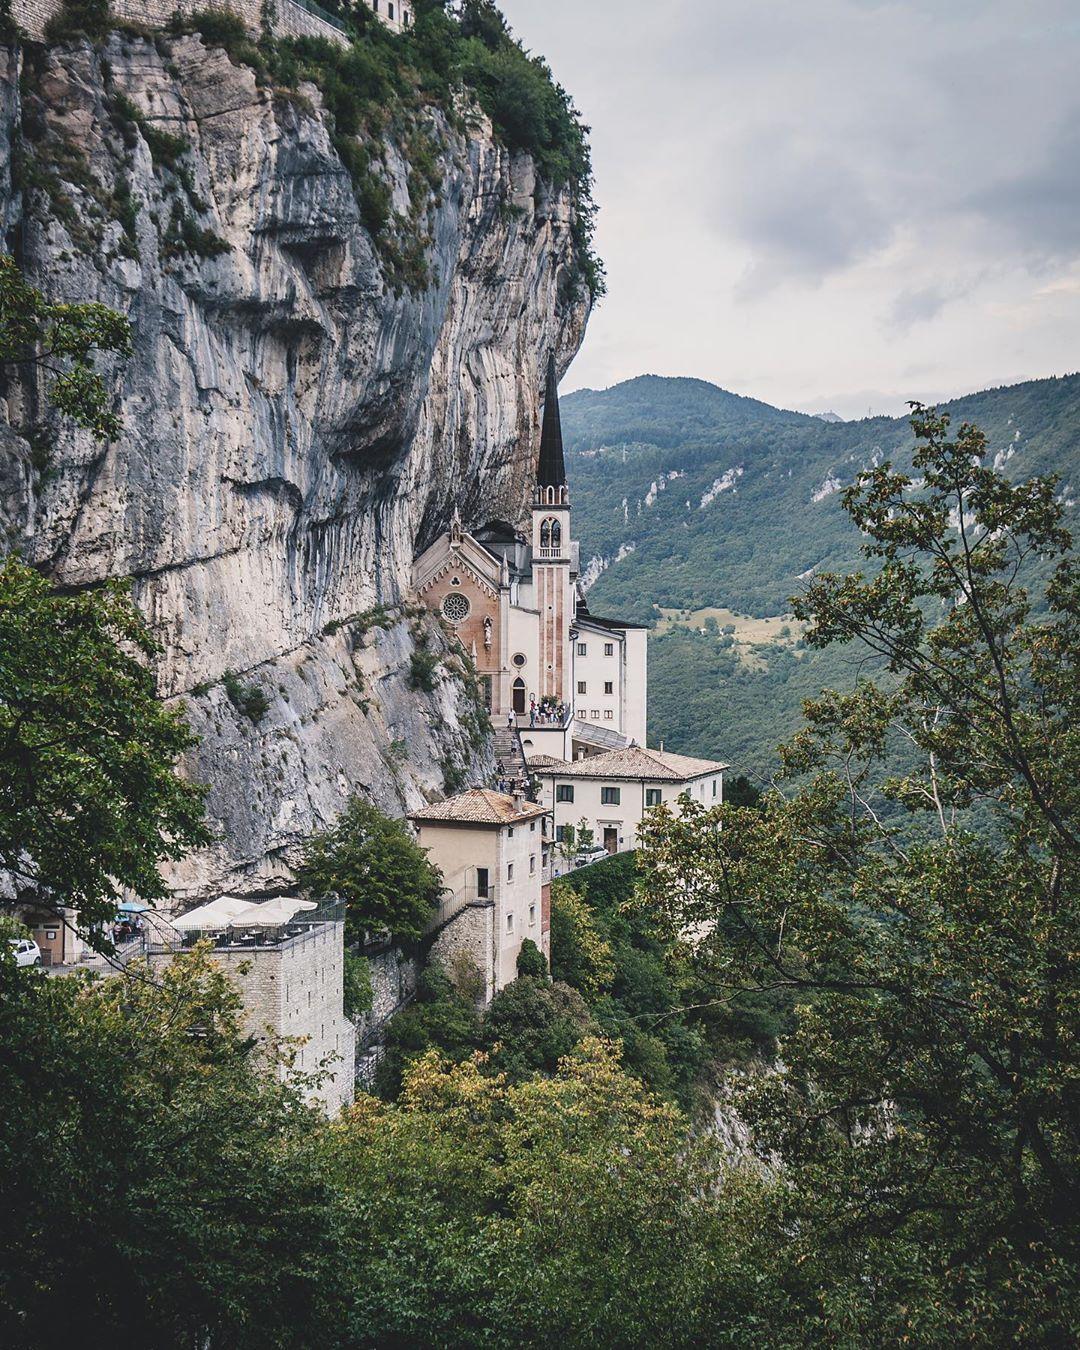 Природа и путешествия на снимках Беттины Халас